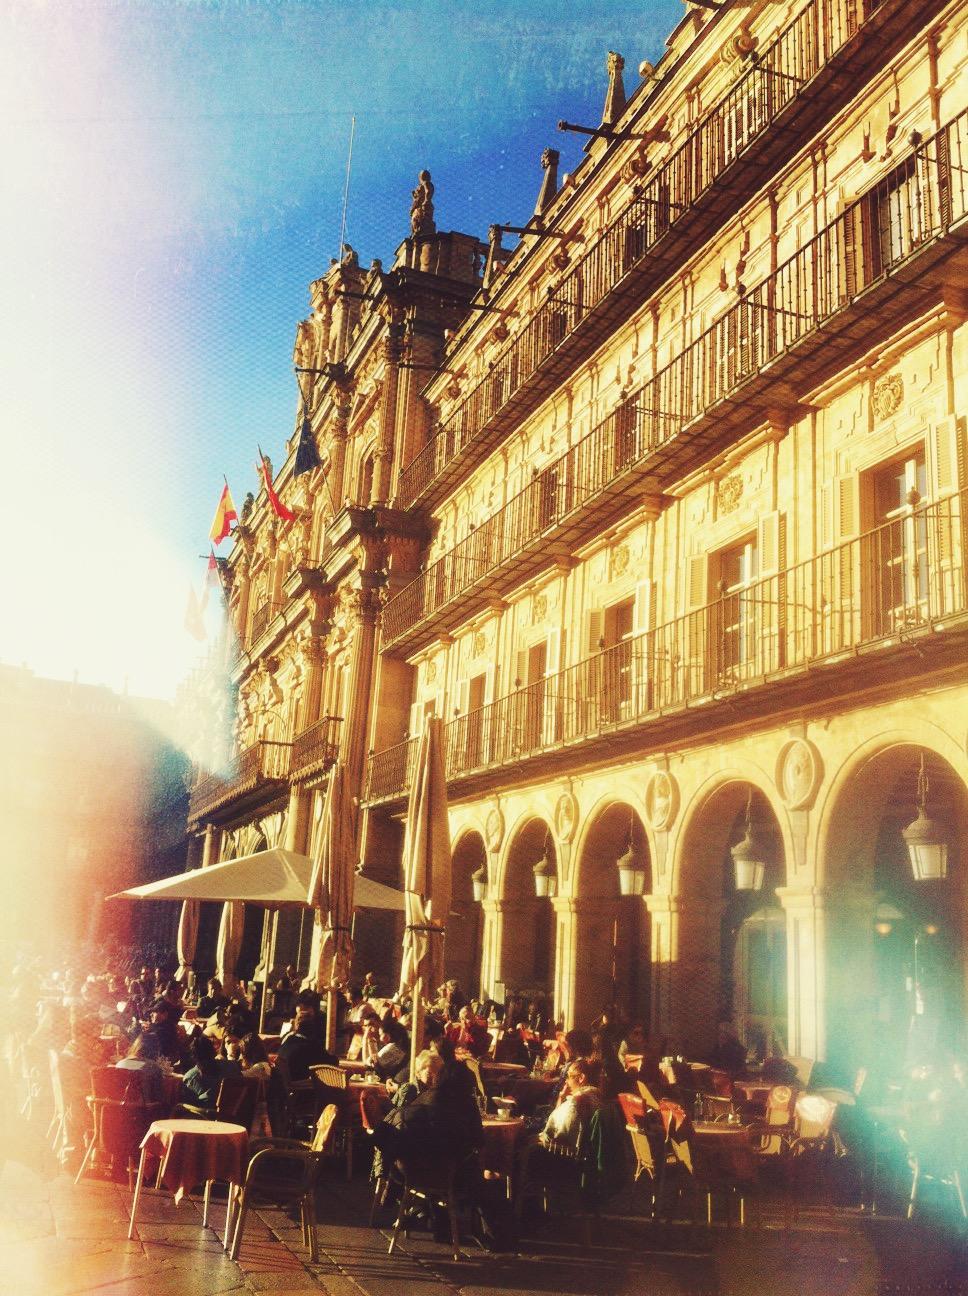 Plaza Mayor de Salamanca, foto tomada con un iPhone 4 y editada en Afterlight